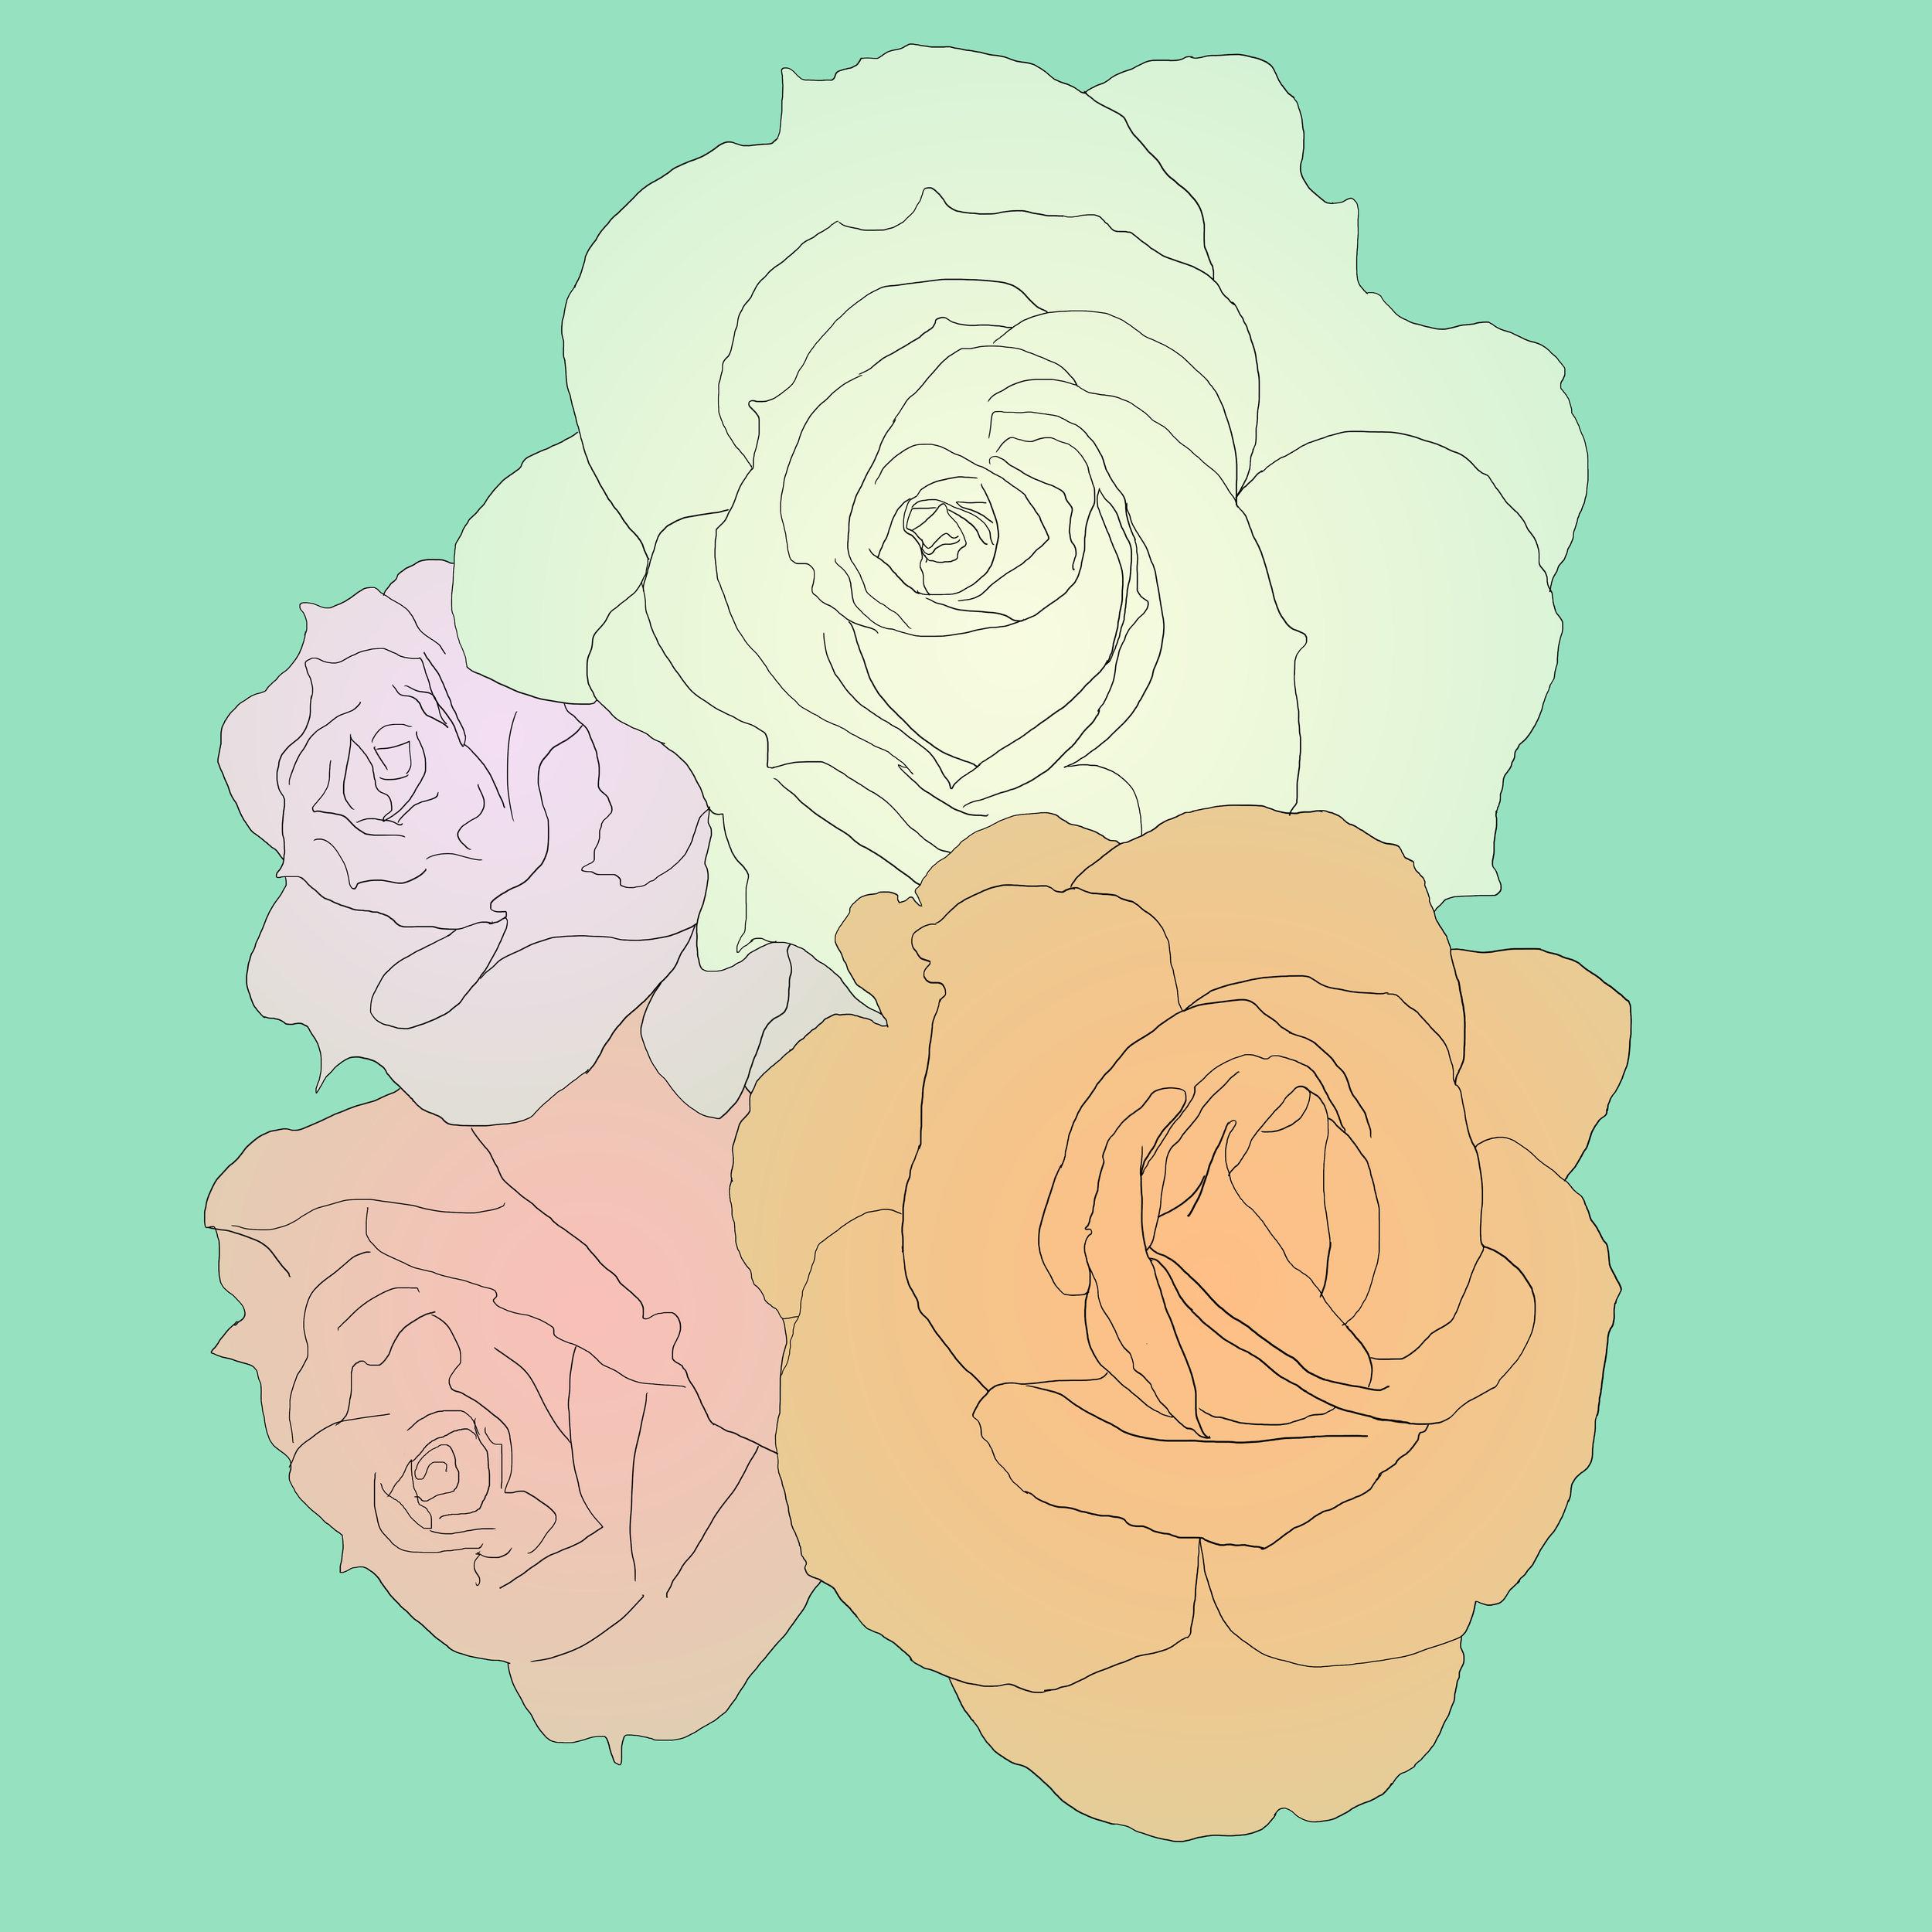 17_Flowers.jpg